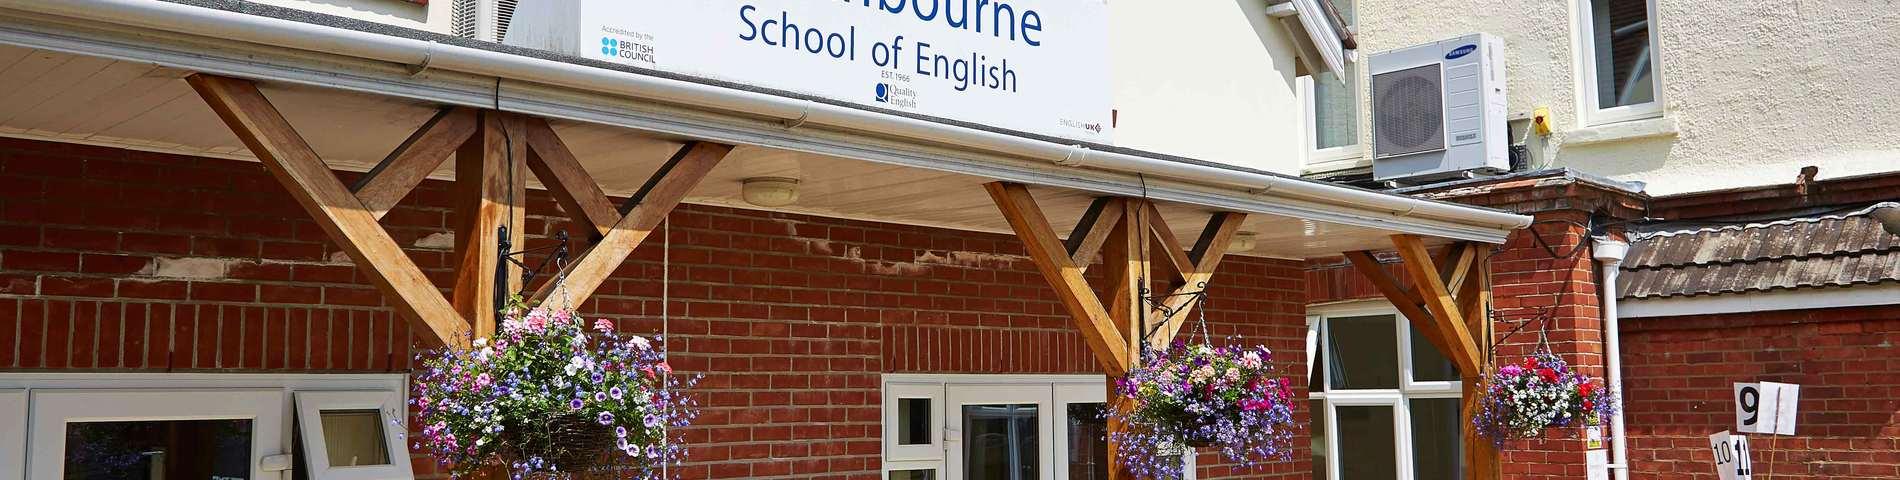 Southbourne School of English зображення 1